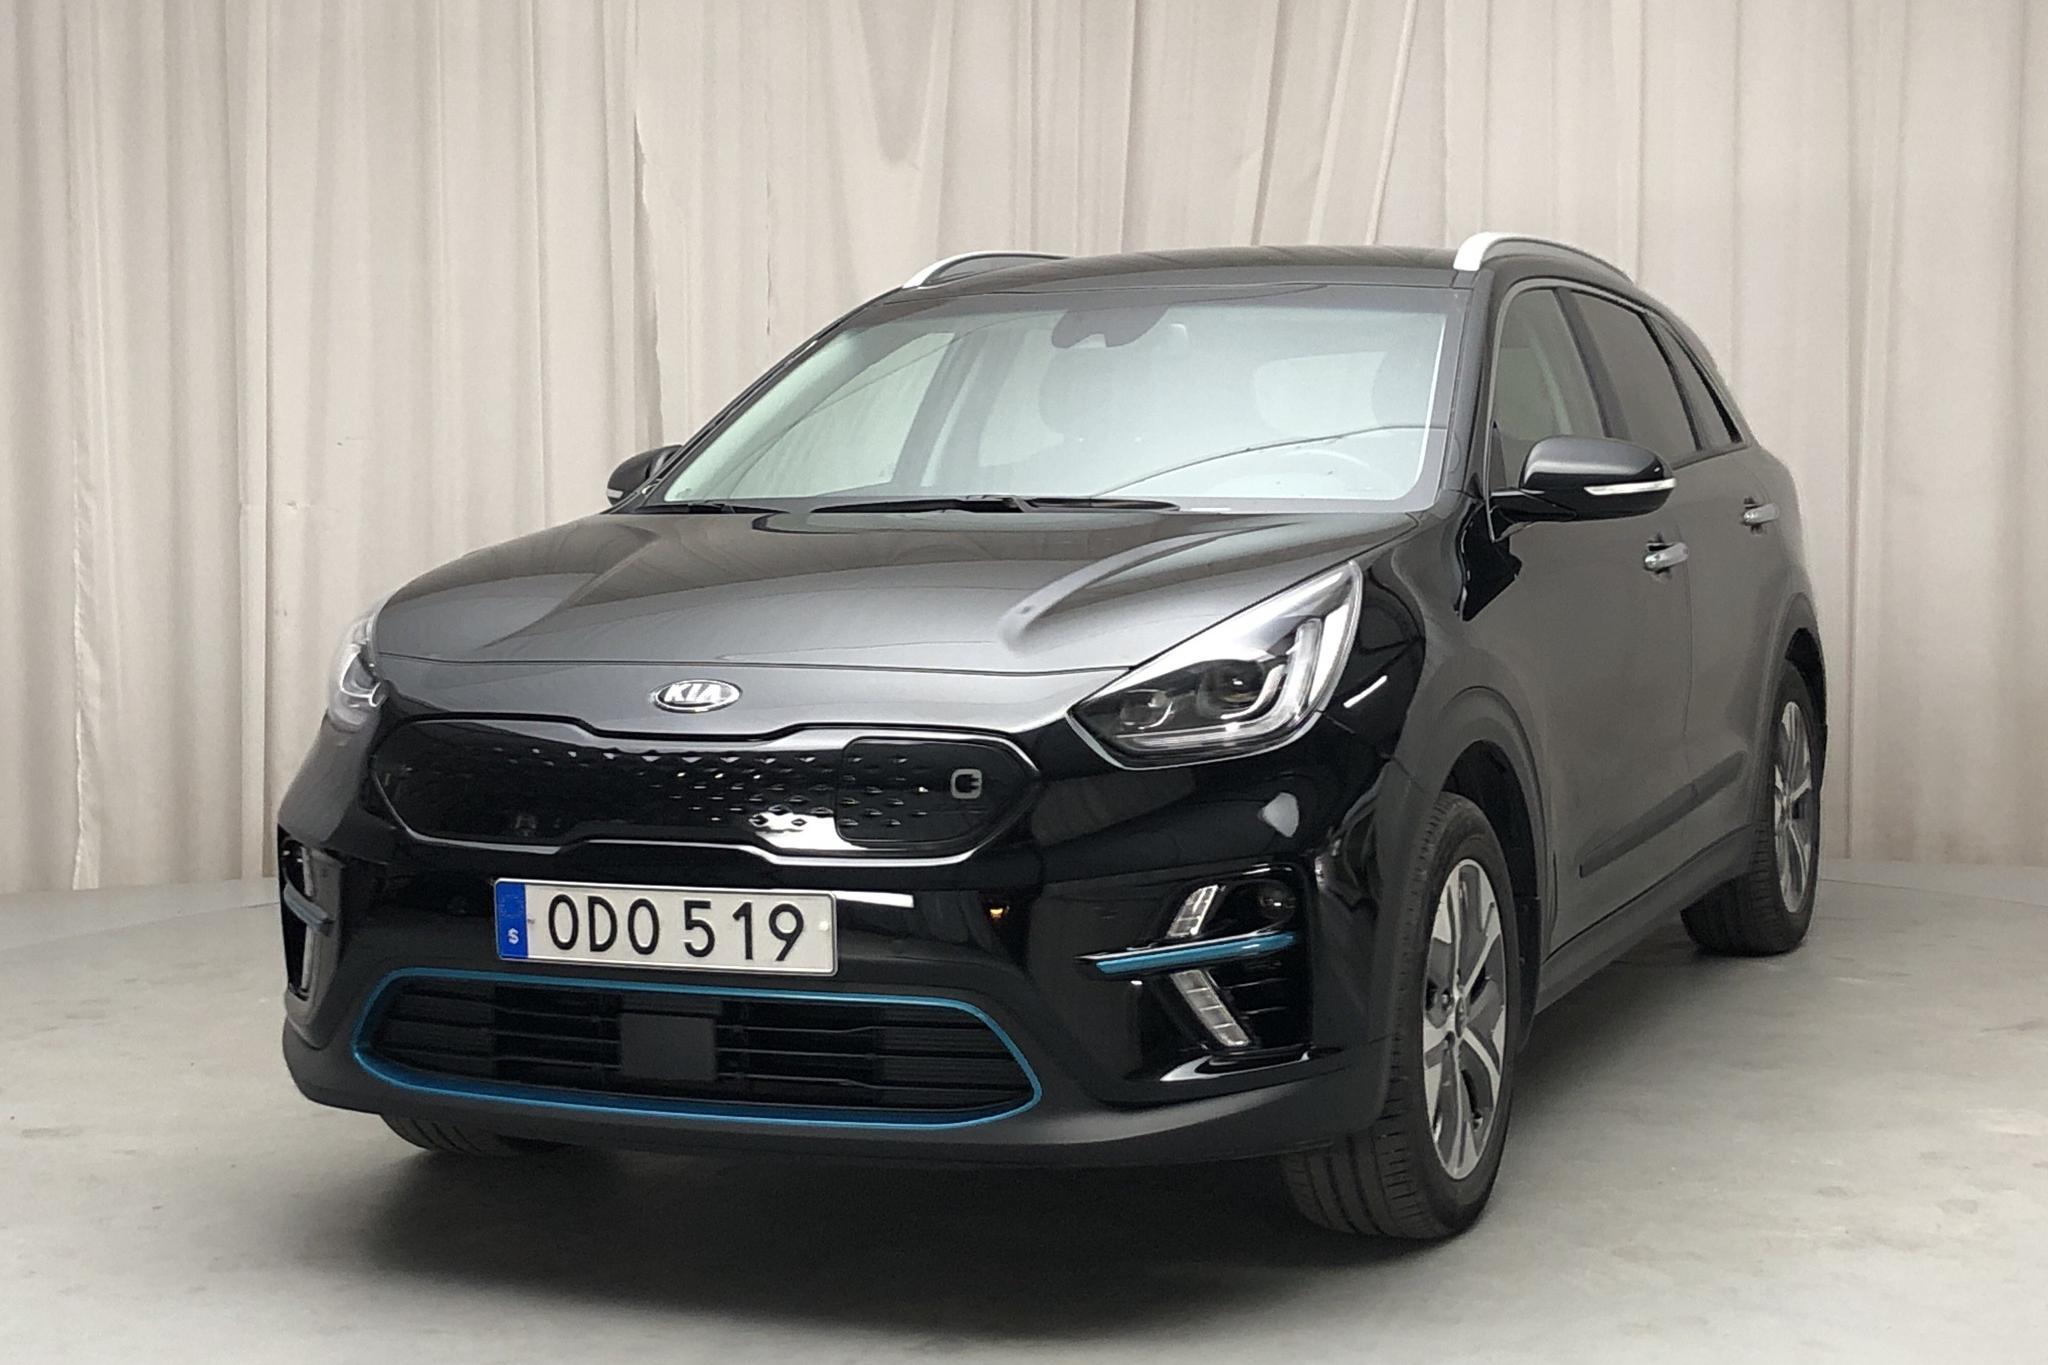 KIA Niro EV 64 kWh (204hk) - 5 685 mil - Automat - svart - 2019